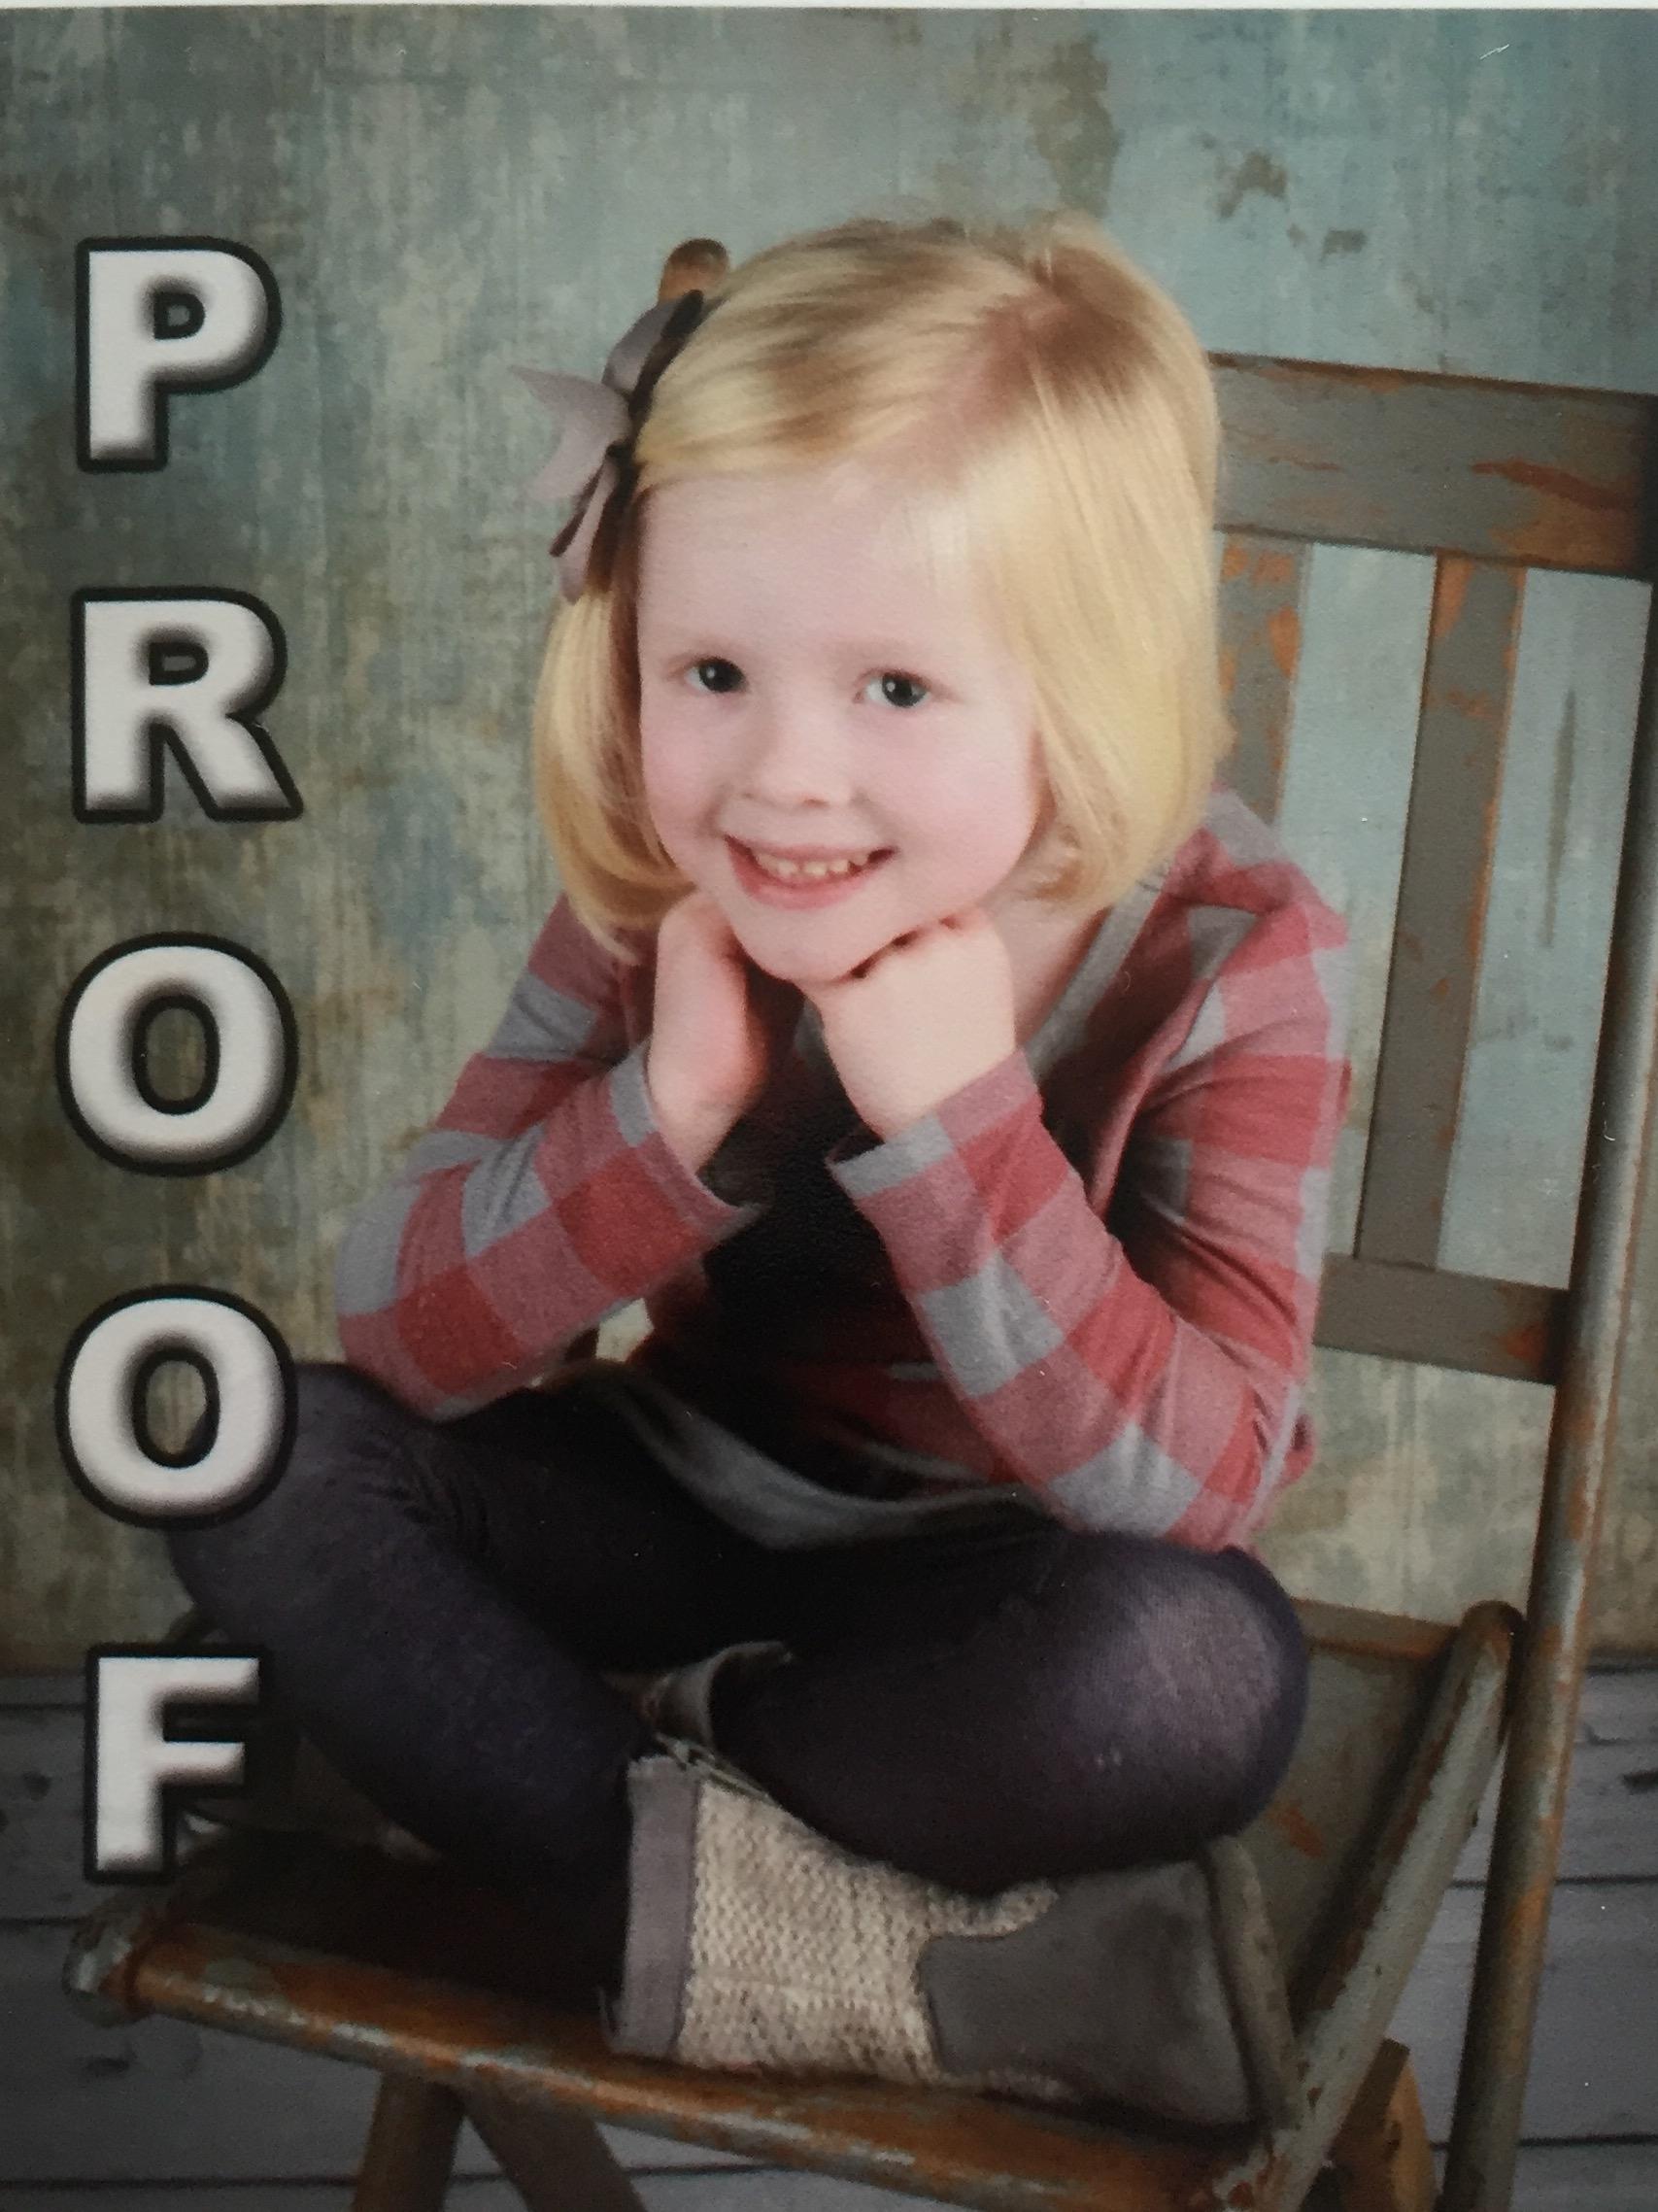 Arden's preschool photo